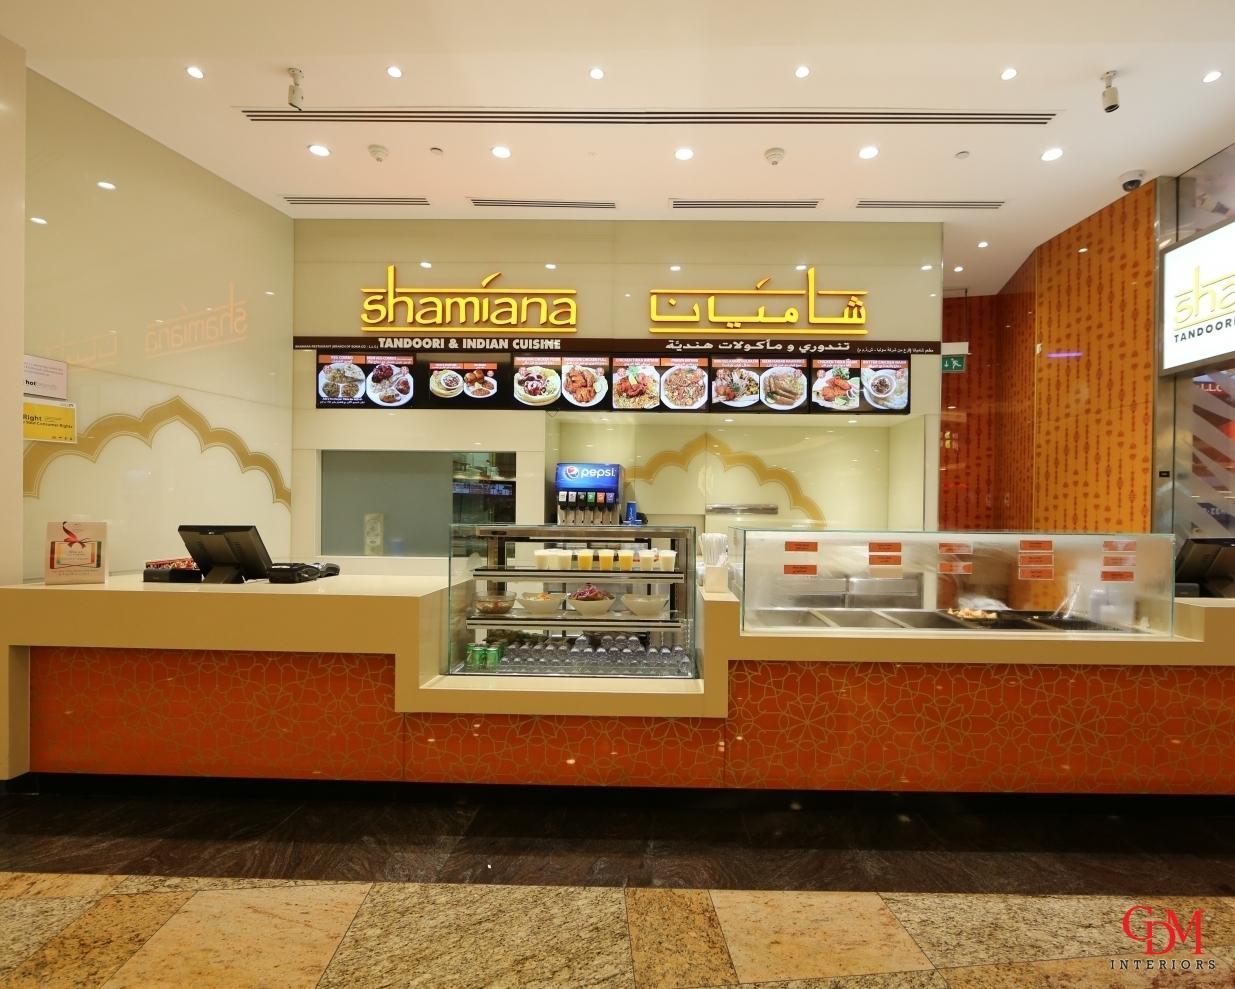 Restaurant fit out companies Dubai